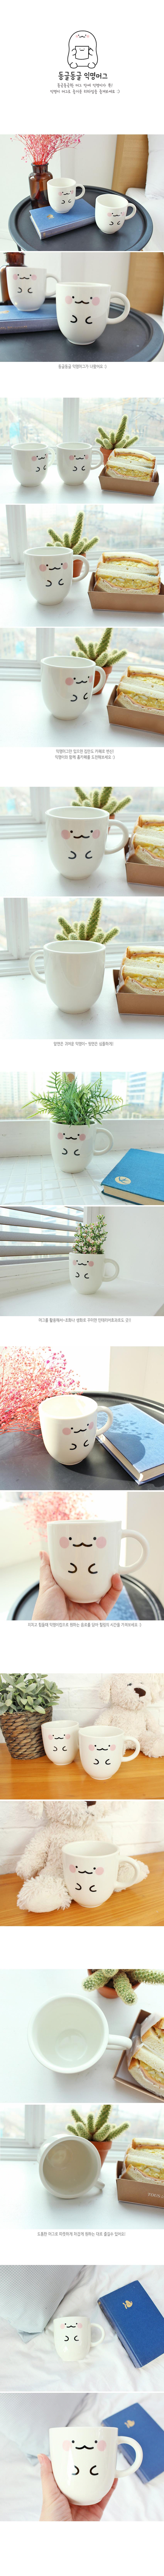 동글동글 익명머그 - 캐릭터타운, 8,000원, 머그컵, 일러스트머그